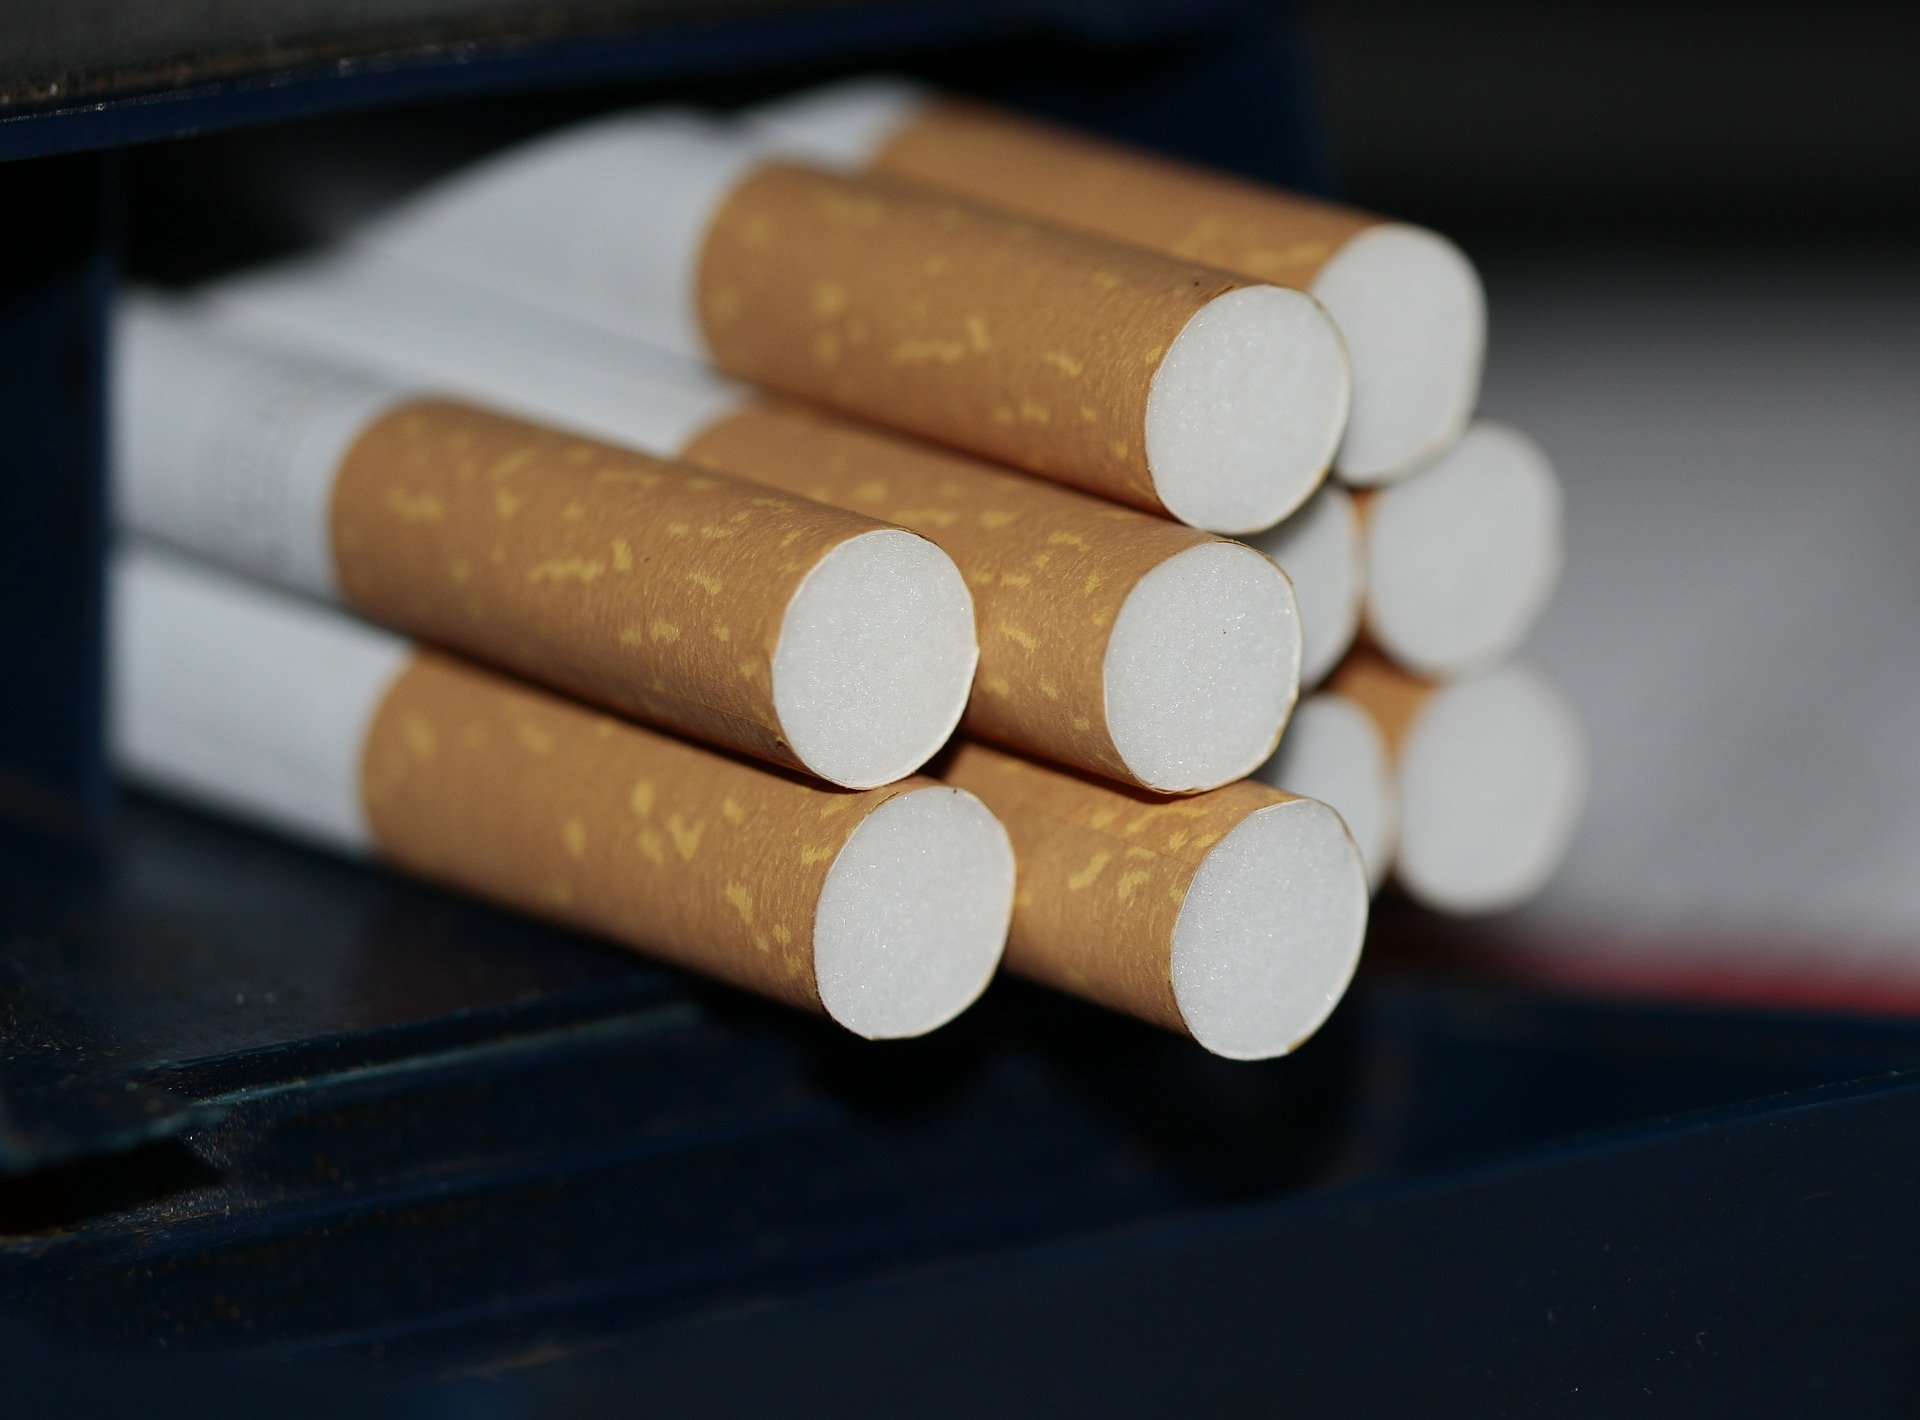 Принятый закон на табачные изделия запрет о продаже табачных изделий